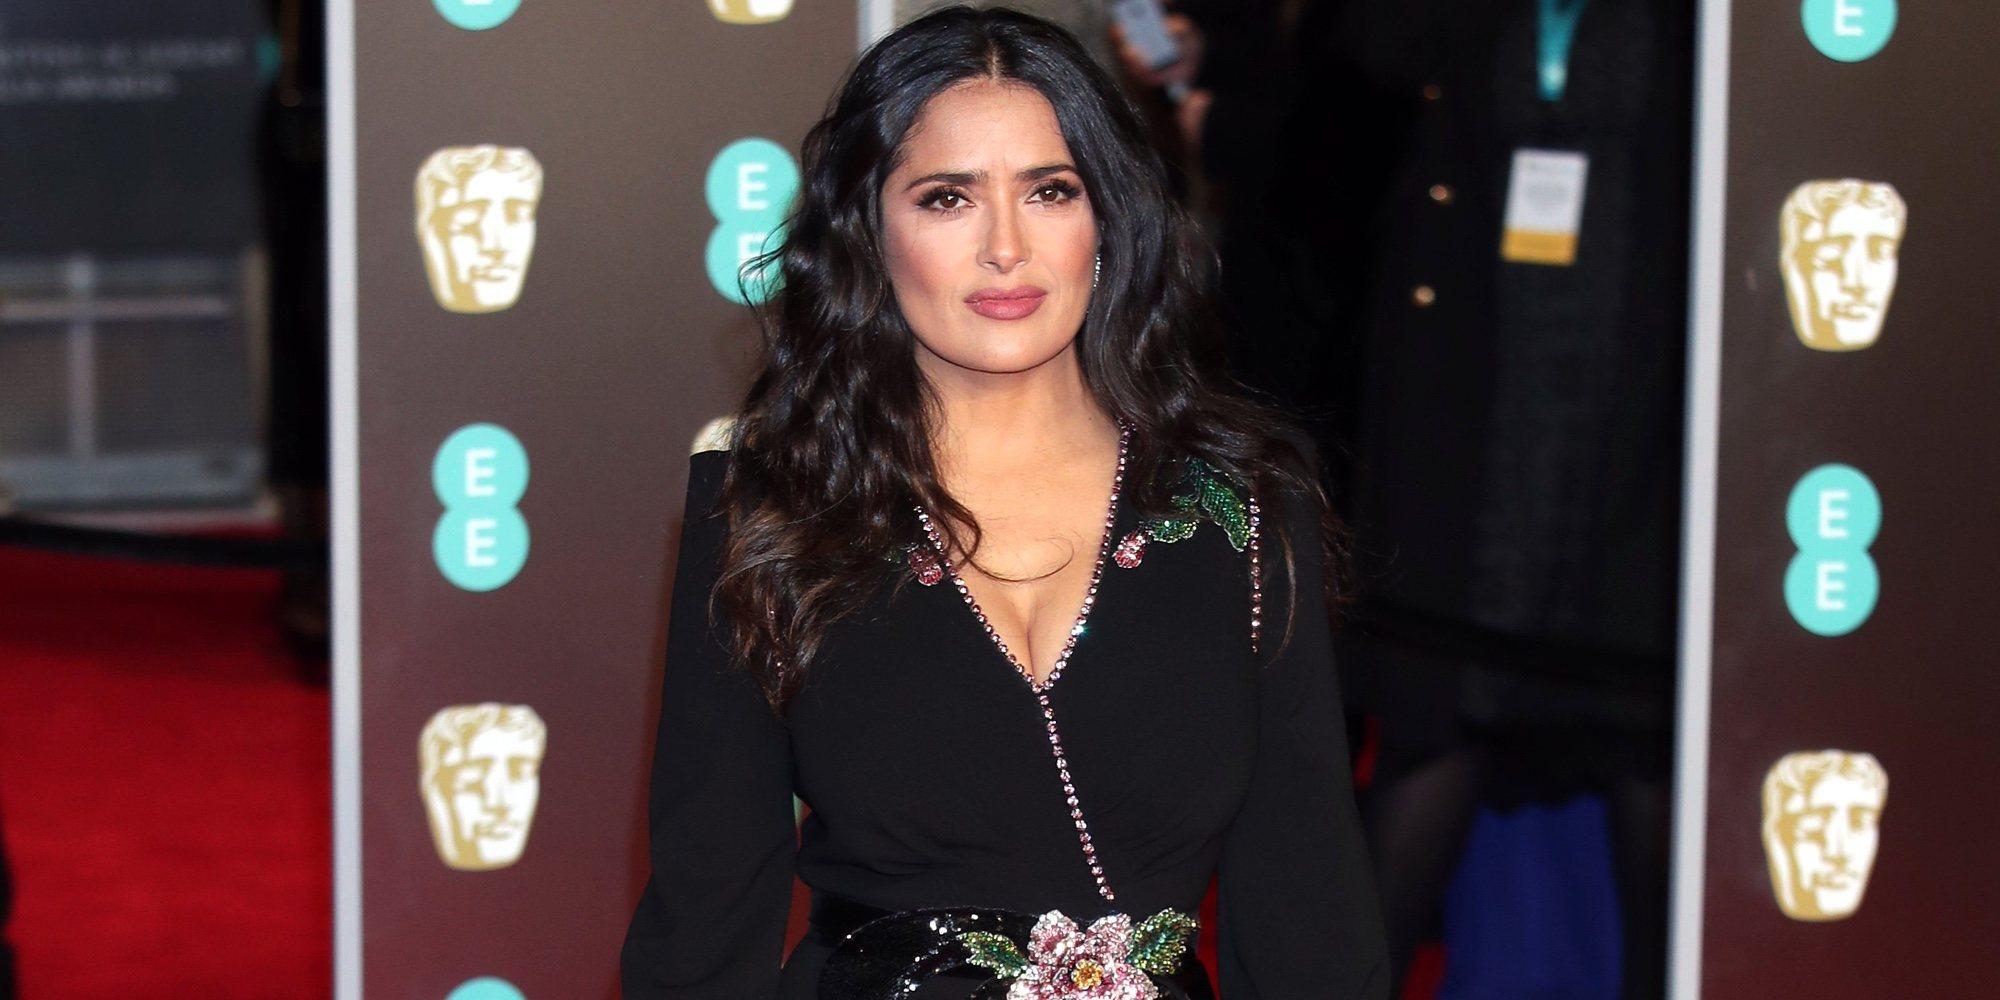 Salma Hayek comparte uno de sus mejores momentos de los Premios Oscar 2018